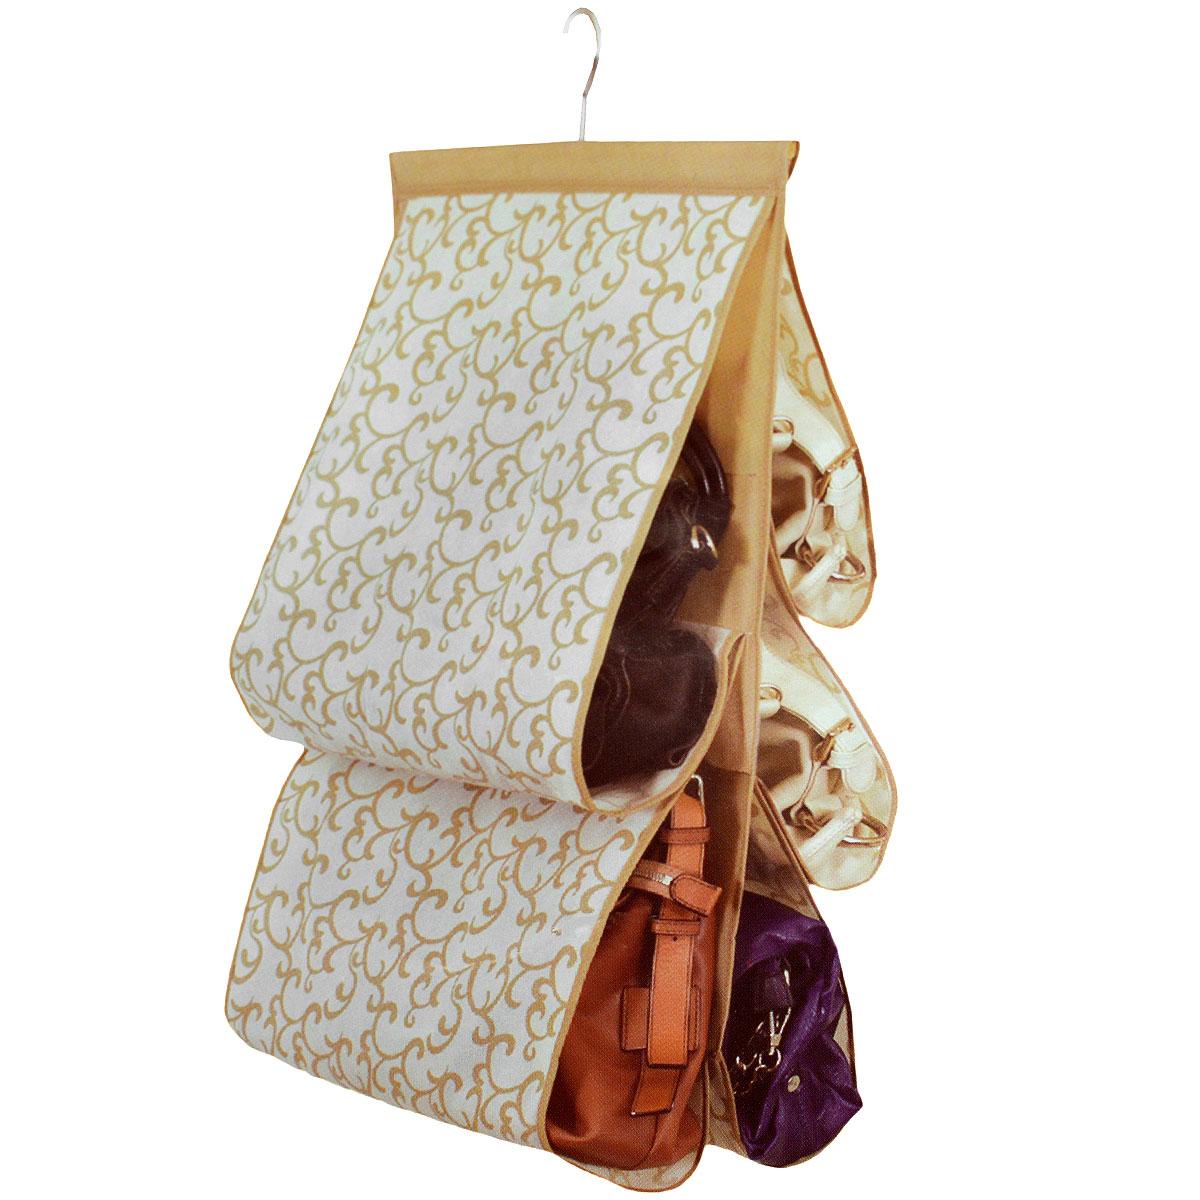 Чехол для хранения сумок Hausmann, 42 х 72 смES-412Чехол для хранения сумок Hausmann изготовлен из полиэстера. Чехол имеет 5 отделений. Чехол можно повесить в удобное место за крючок, который крепиться к деревянной перекладине. Чехол для хранения сумок Hausmann экономит место в шкафу и сохраняет порядок в доме. Практичный и удобный чехол для хранения сумок.